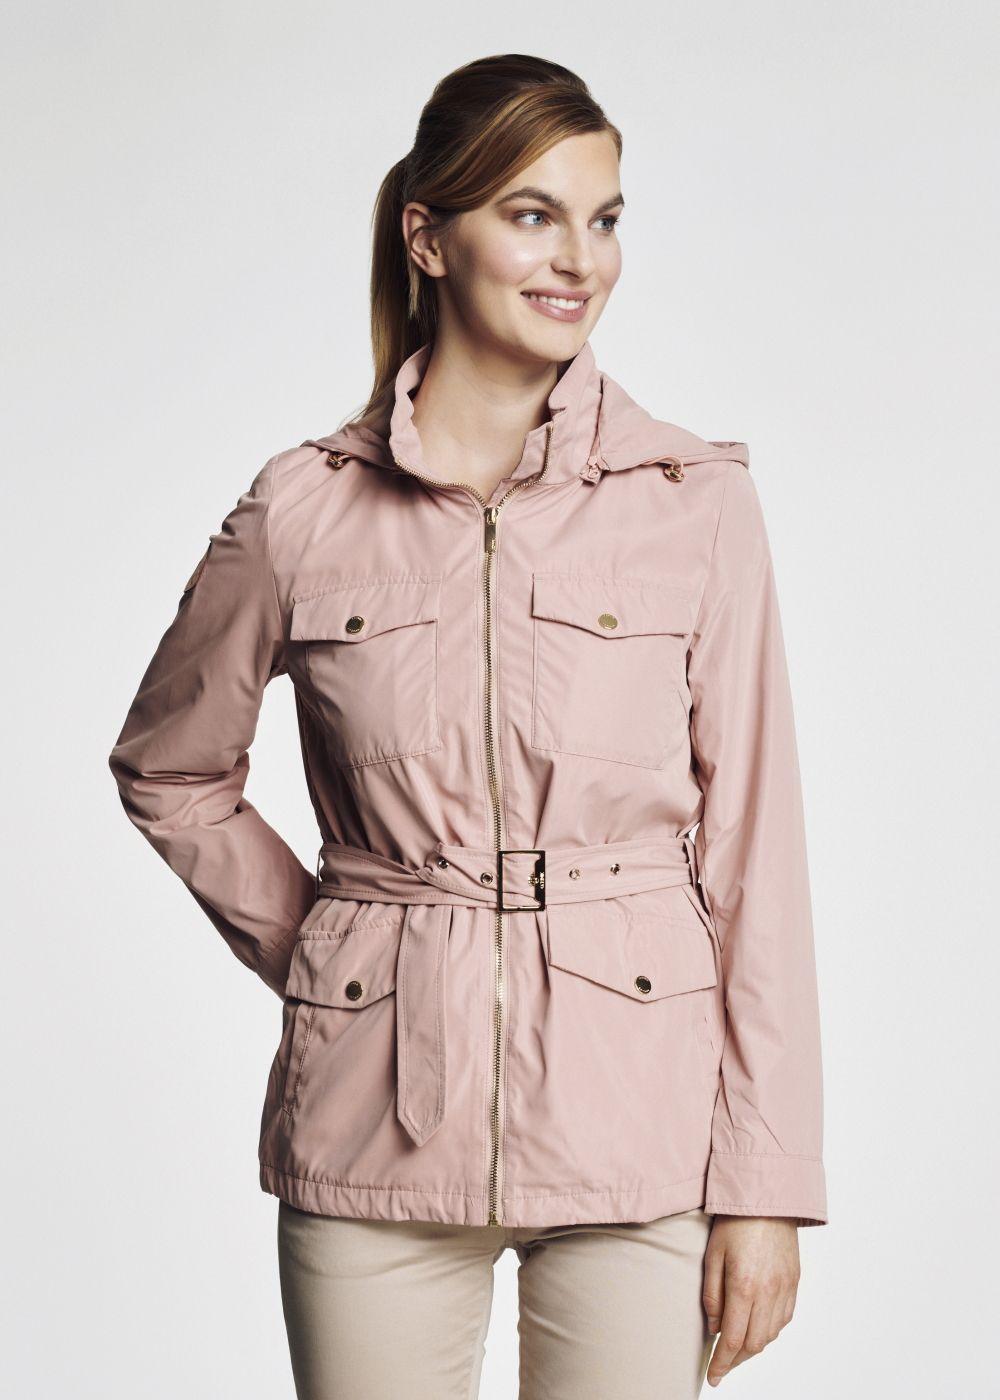 Wiosenna kurtka damska z paskiem KURDT-0170-34(W21)